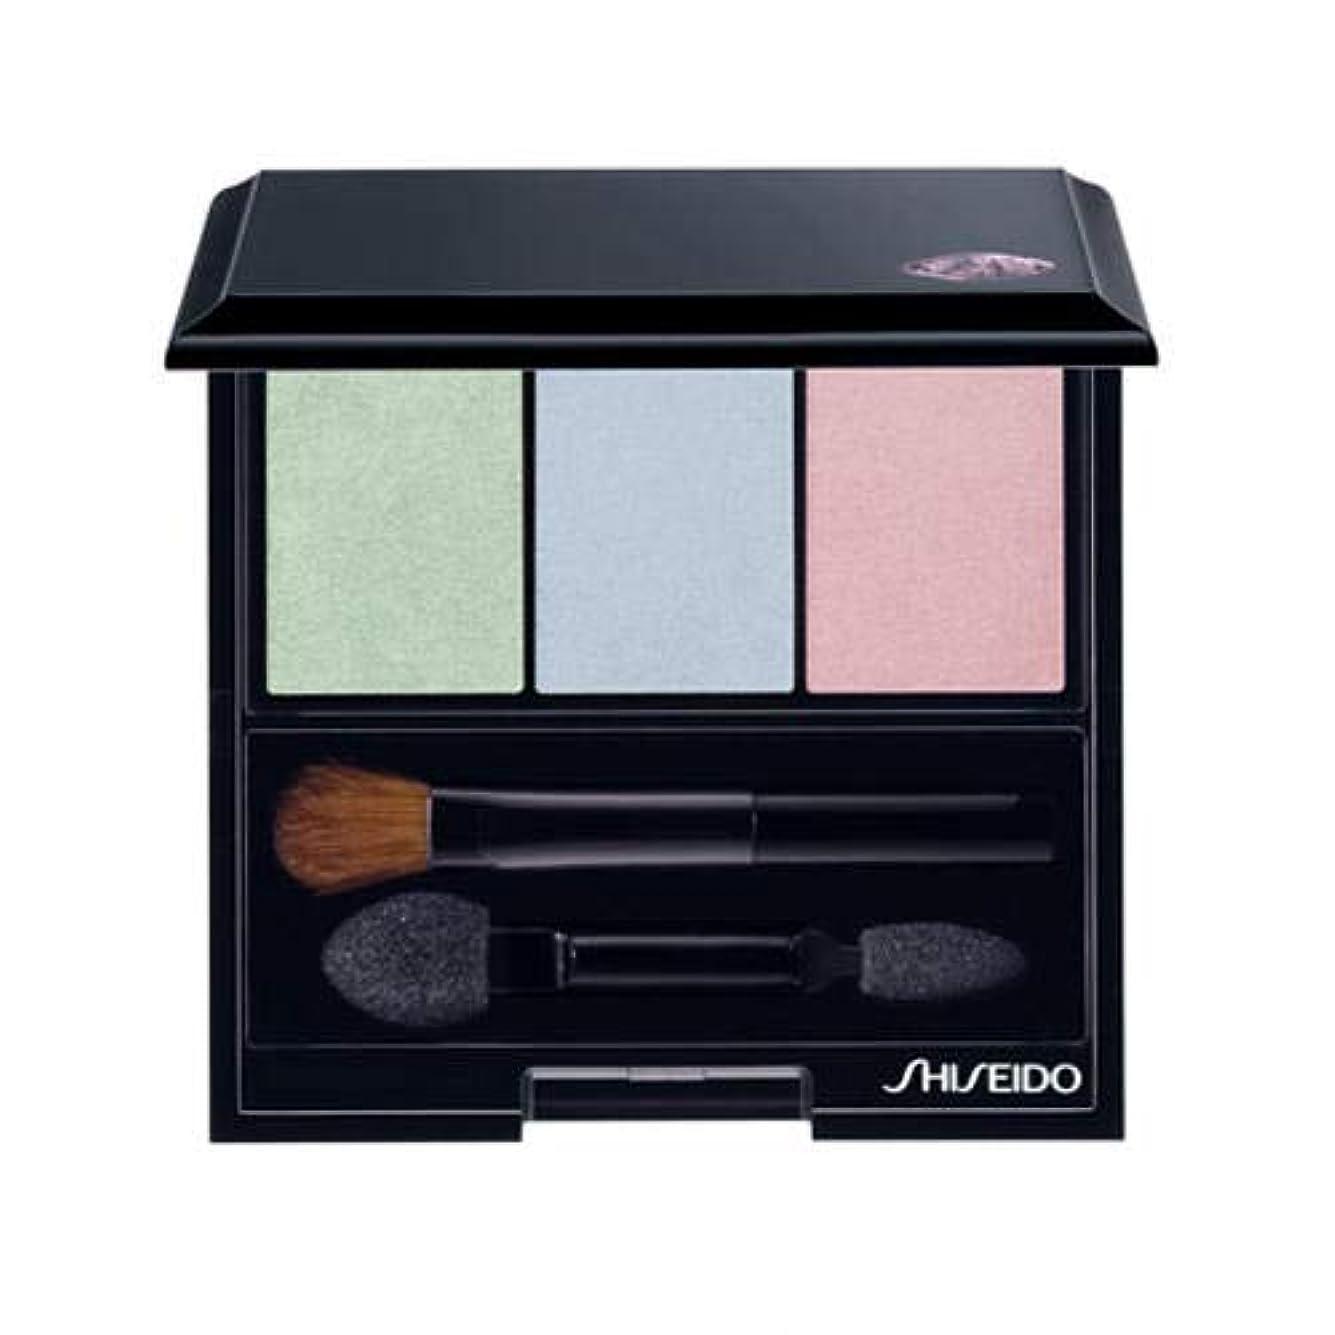 ノート悪い曲線資生堂 ルミナイジング サテン アイカラー トリオ BL215(Shiseido Luminizing Satin Eye Color Trio BL215) [並行輸入品]